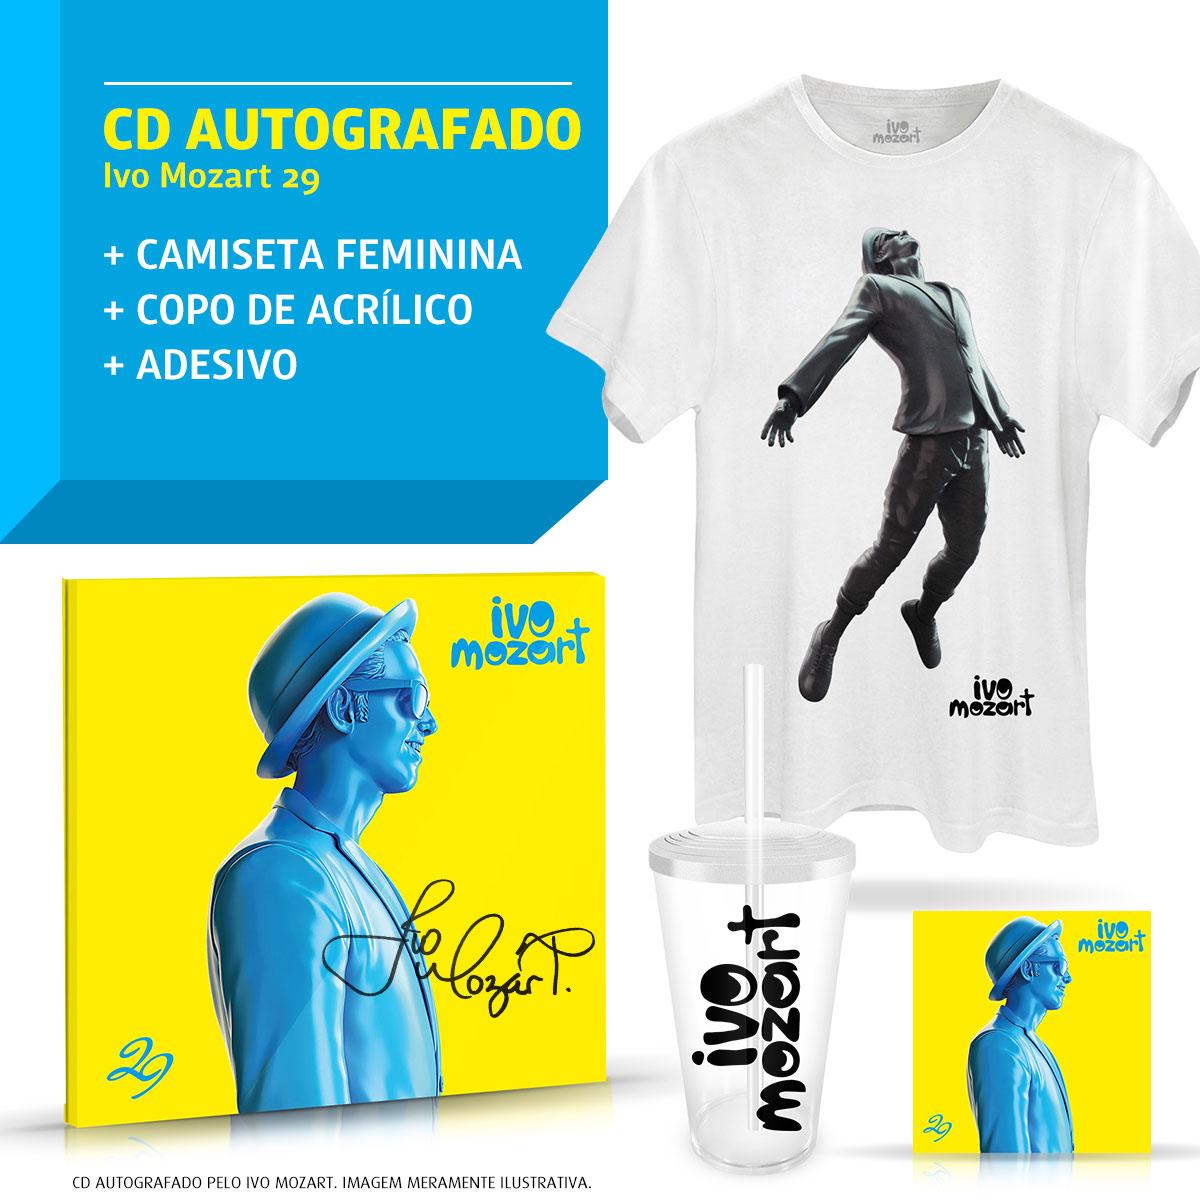 Combo Ivo Mozart CD 29 AUTOGRAFADO + Camiseta Masculina